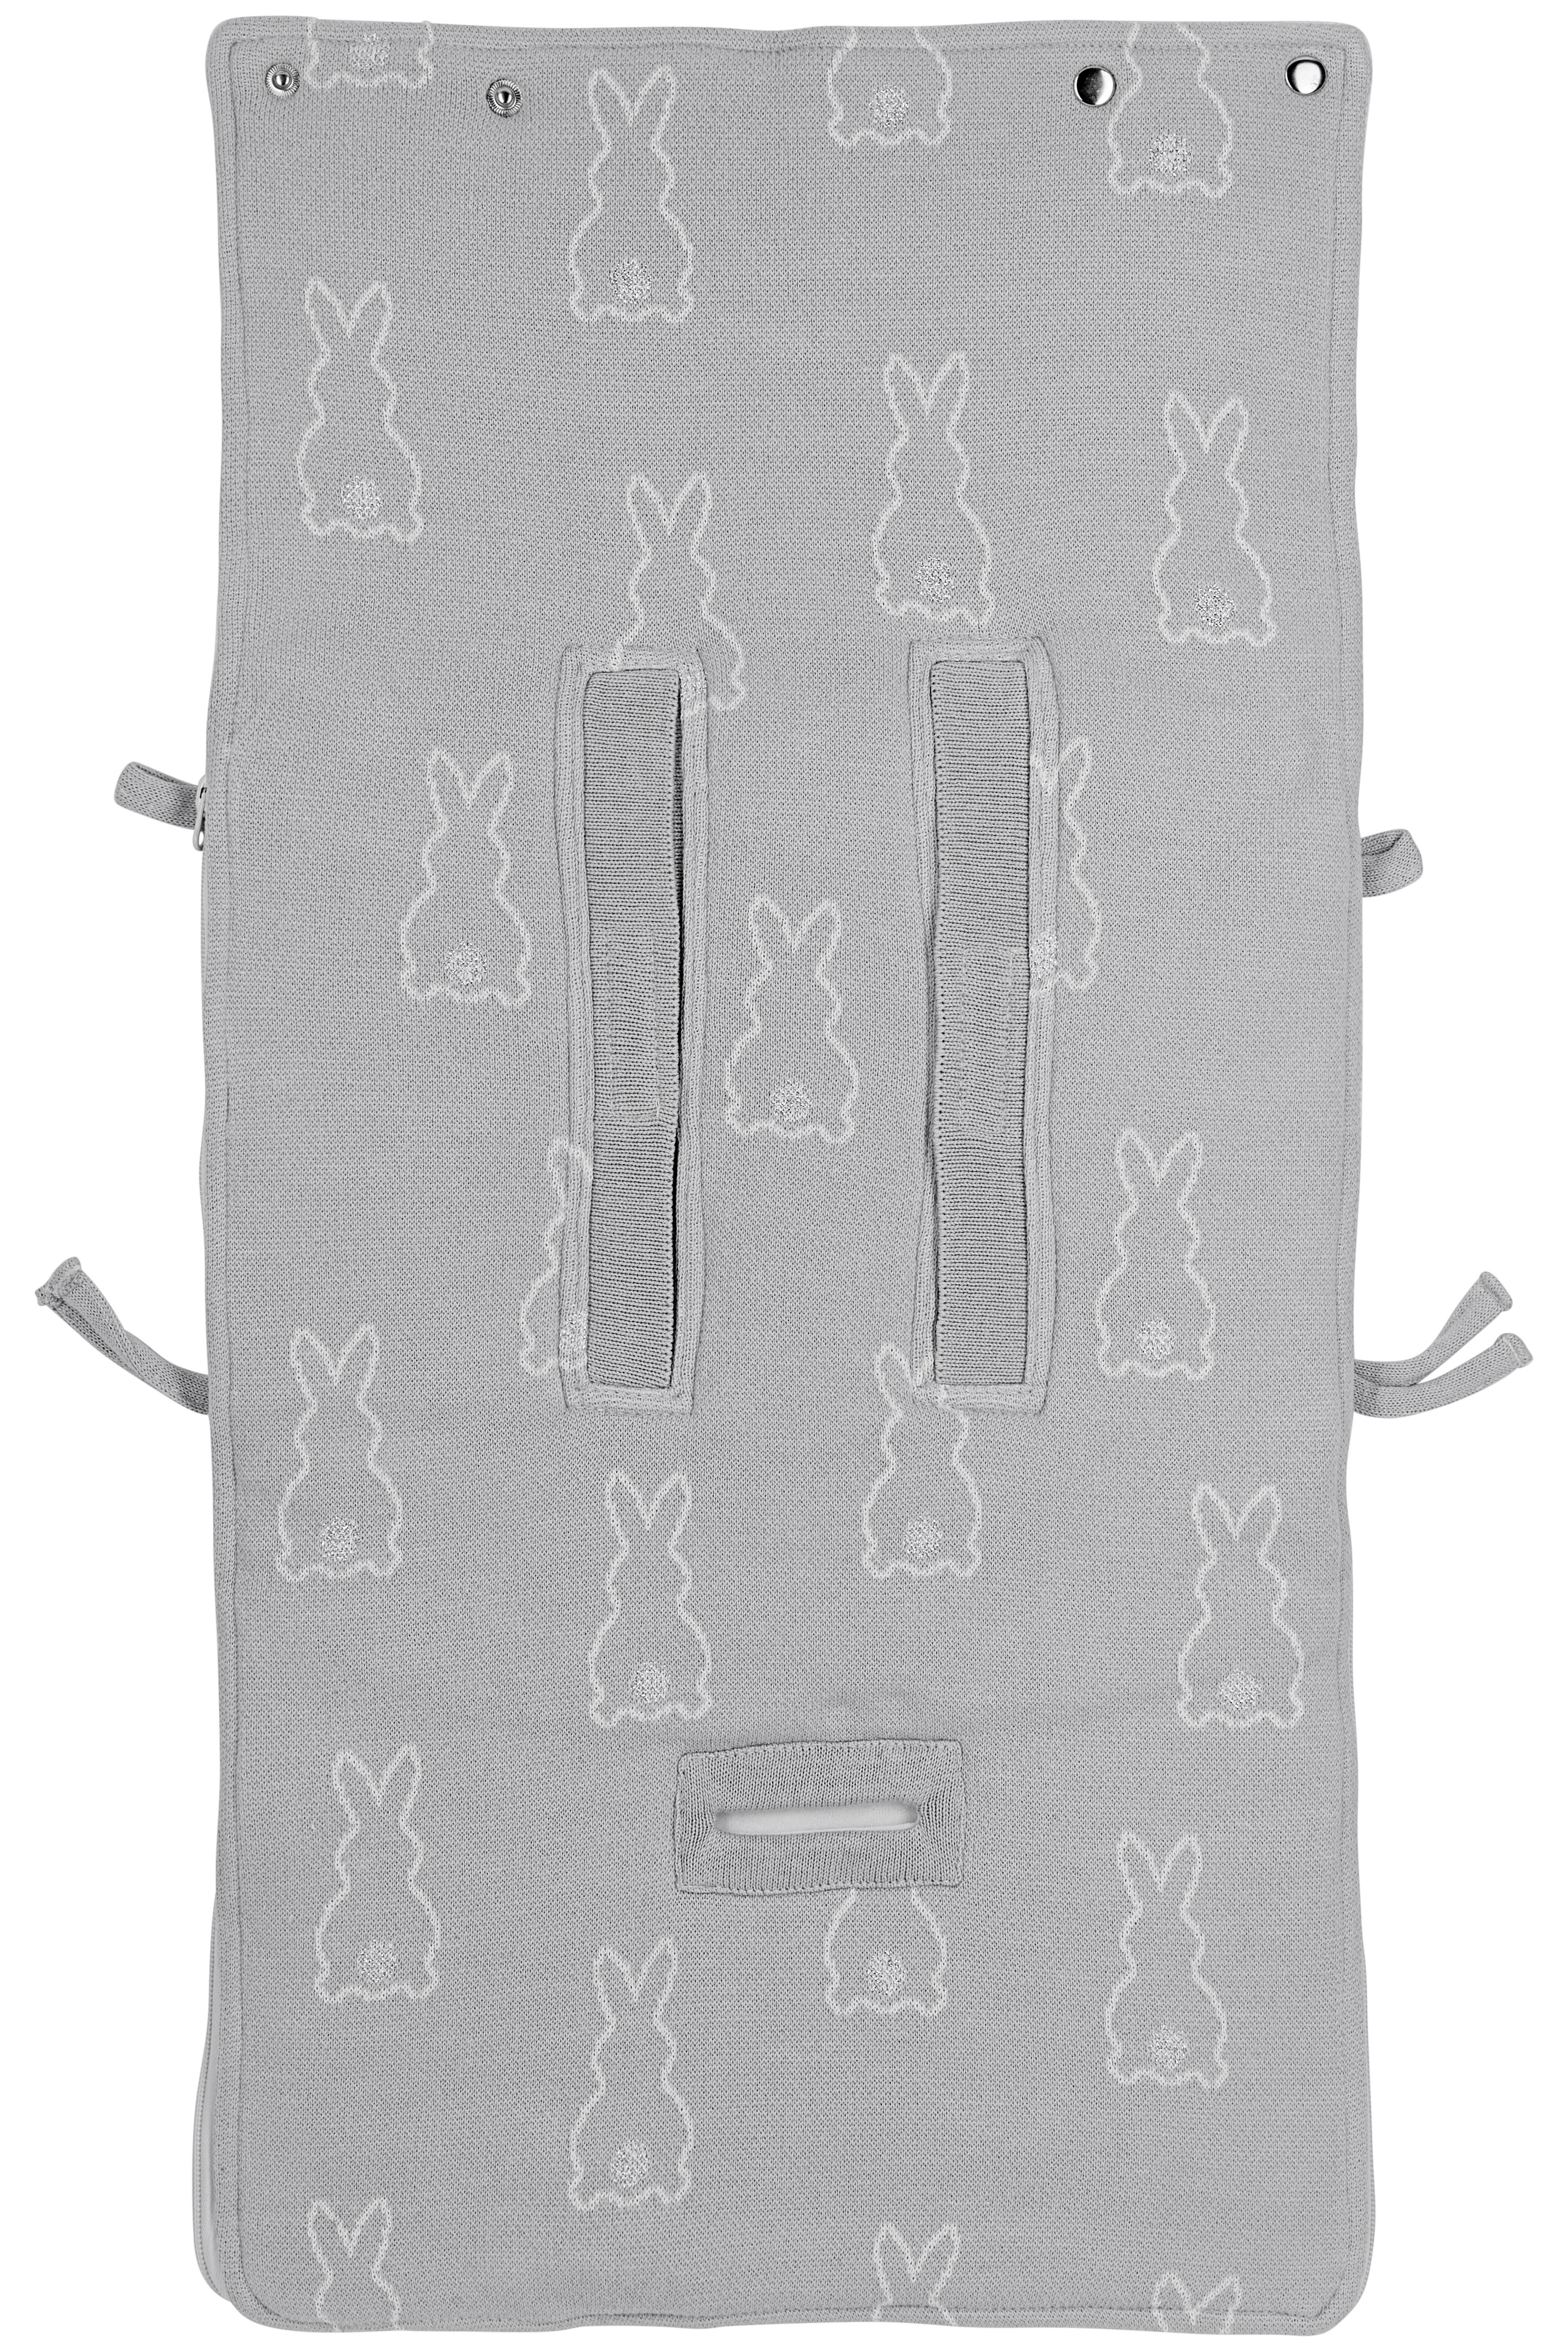 Meyco X Mrs. Keizer Voetenzak Rabbit - Silver